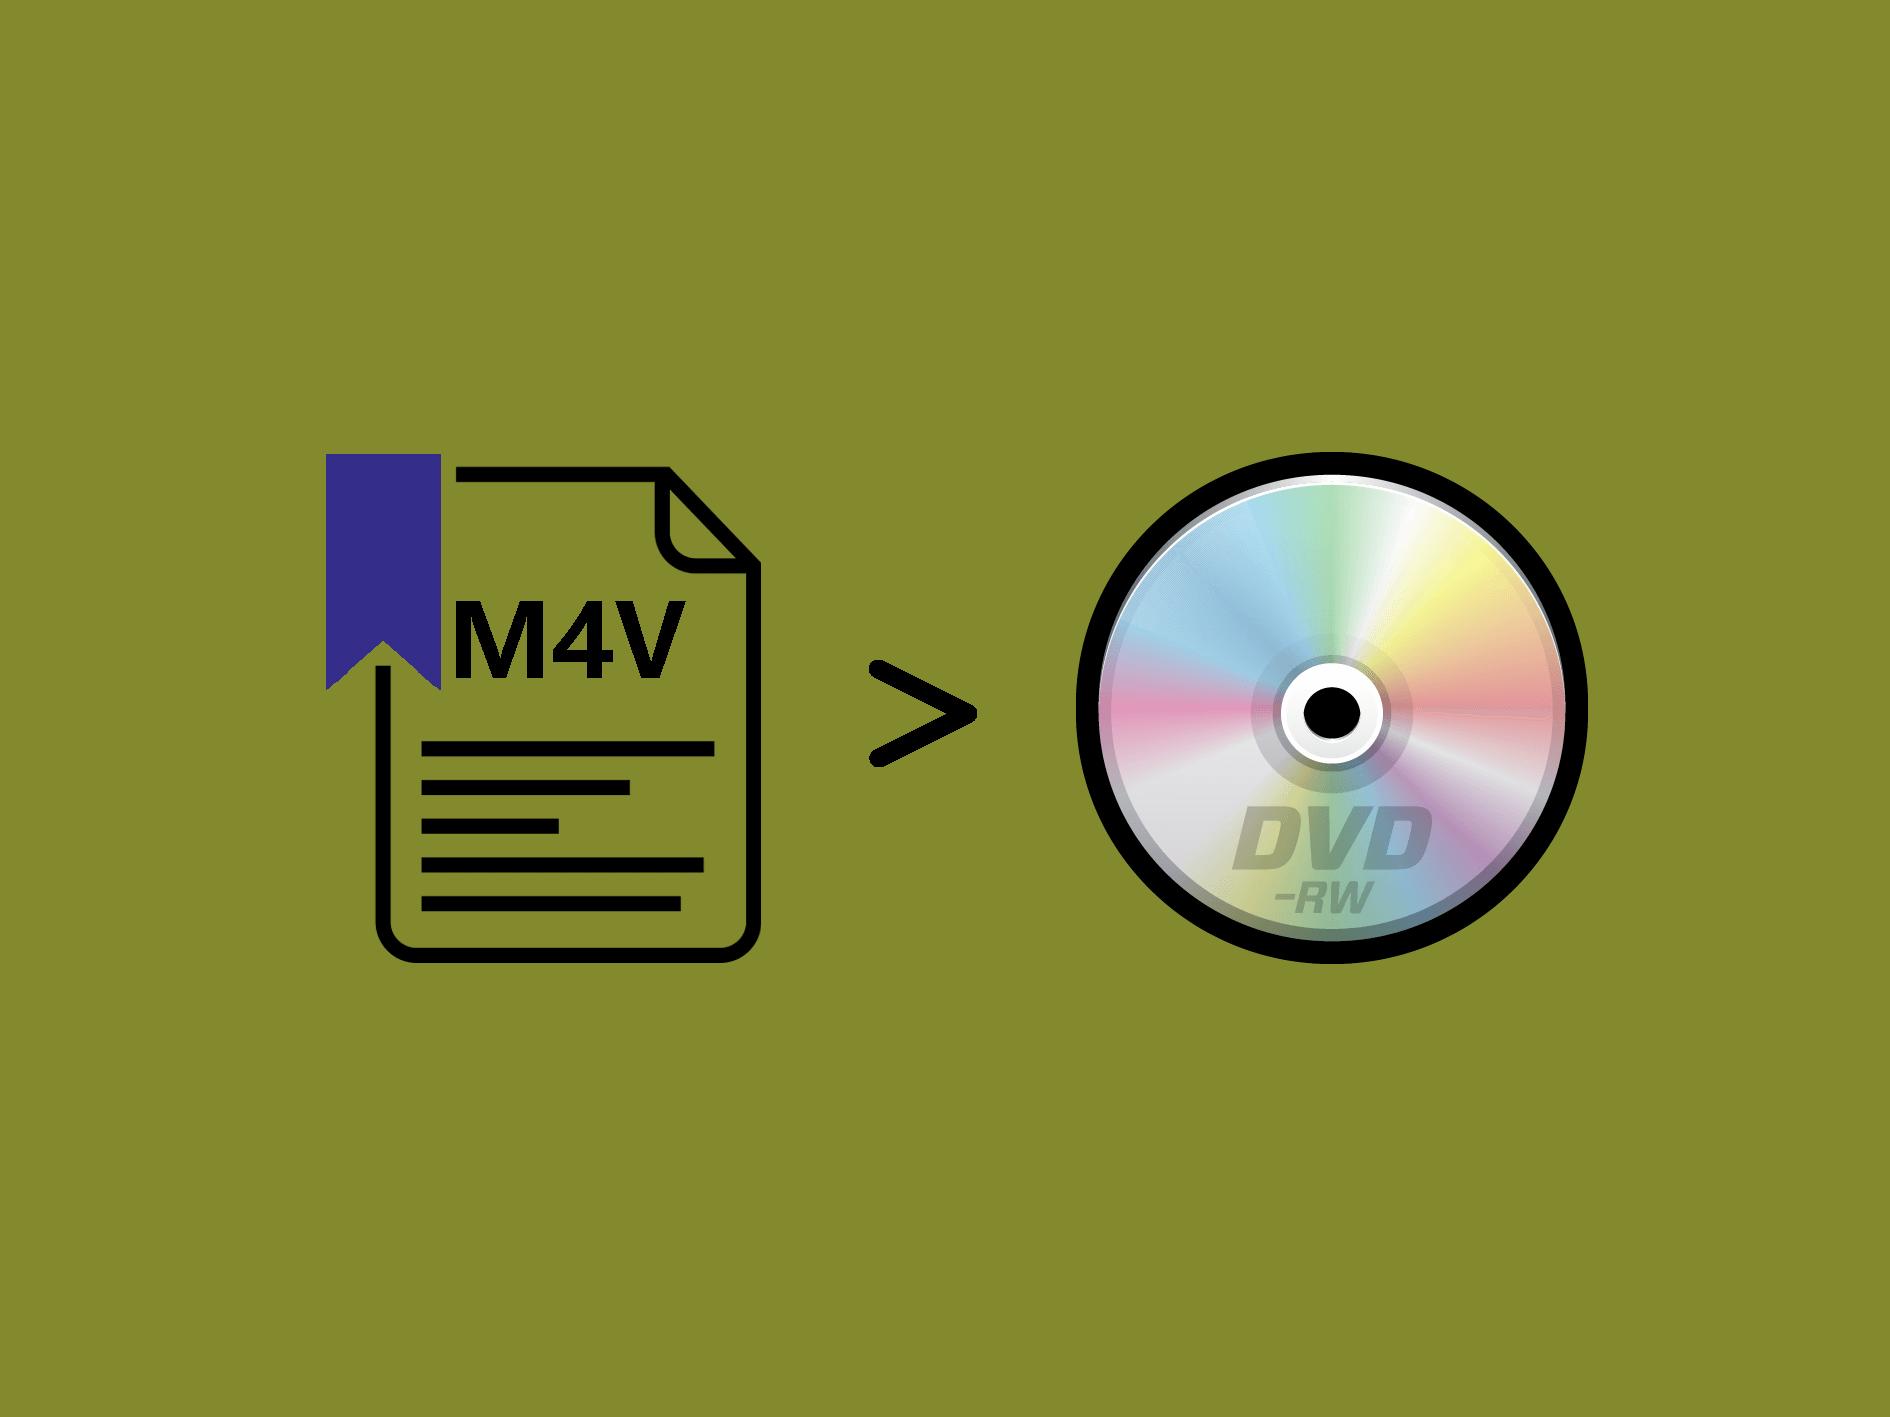 m4vをDVDに書き込む